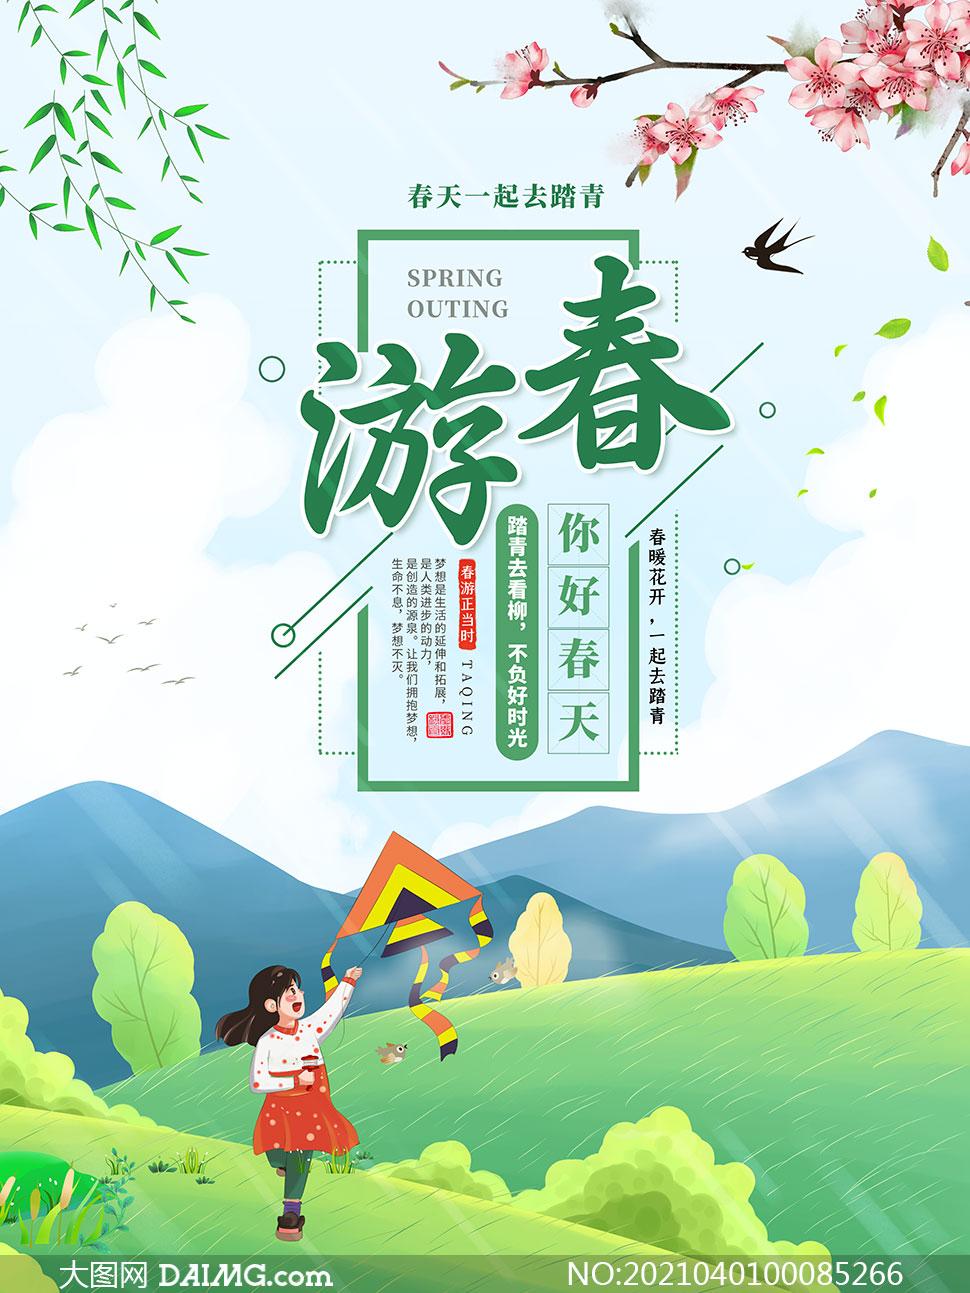 春季踏青郊游海报设计PSD素材